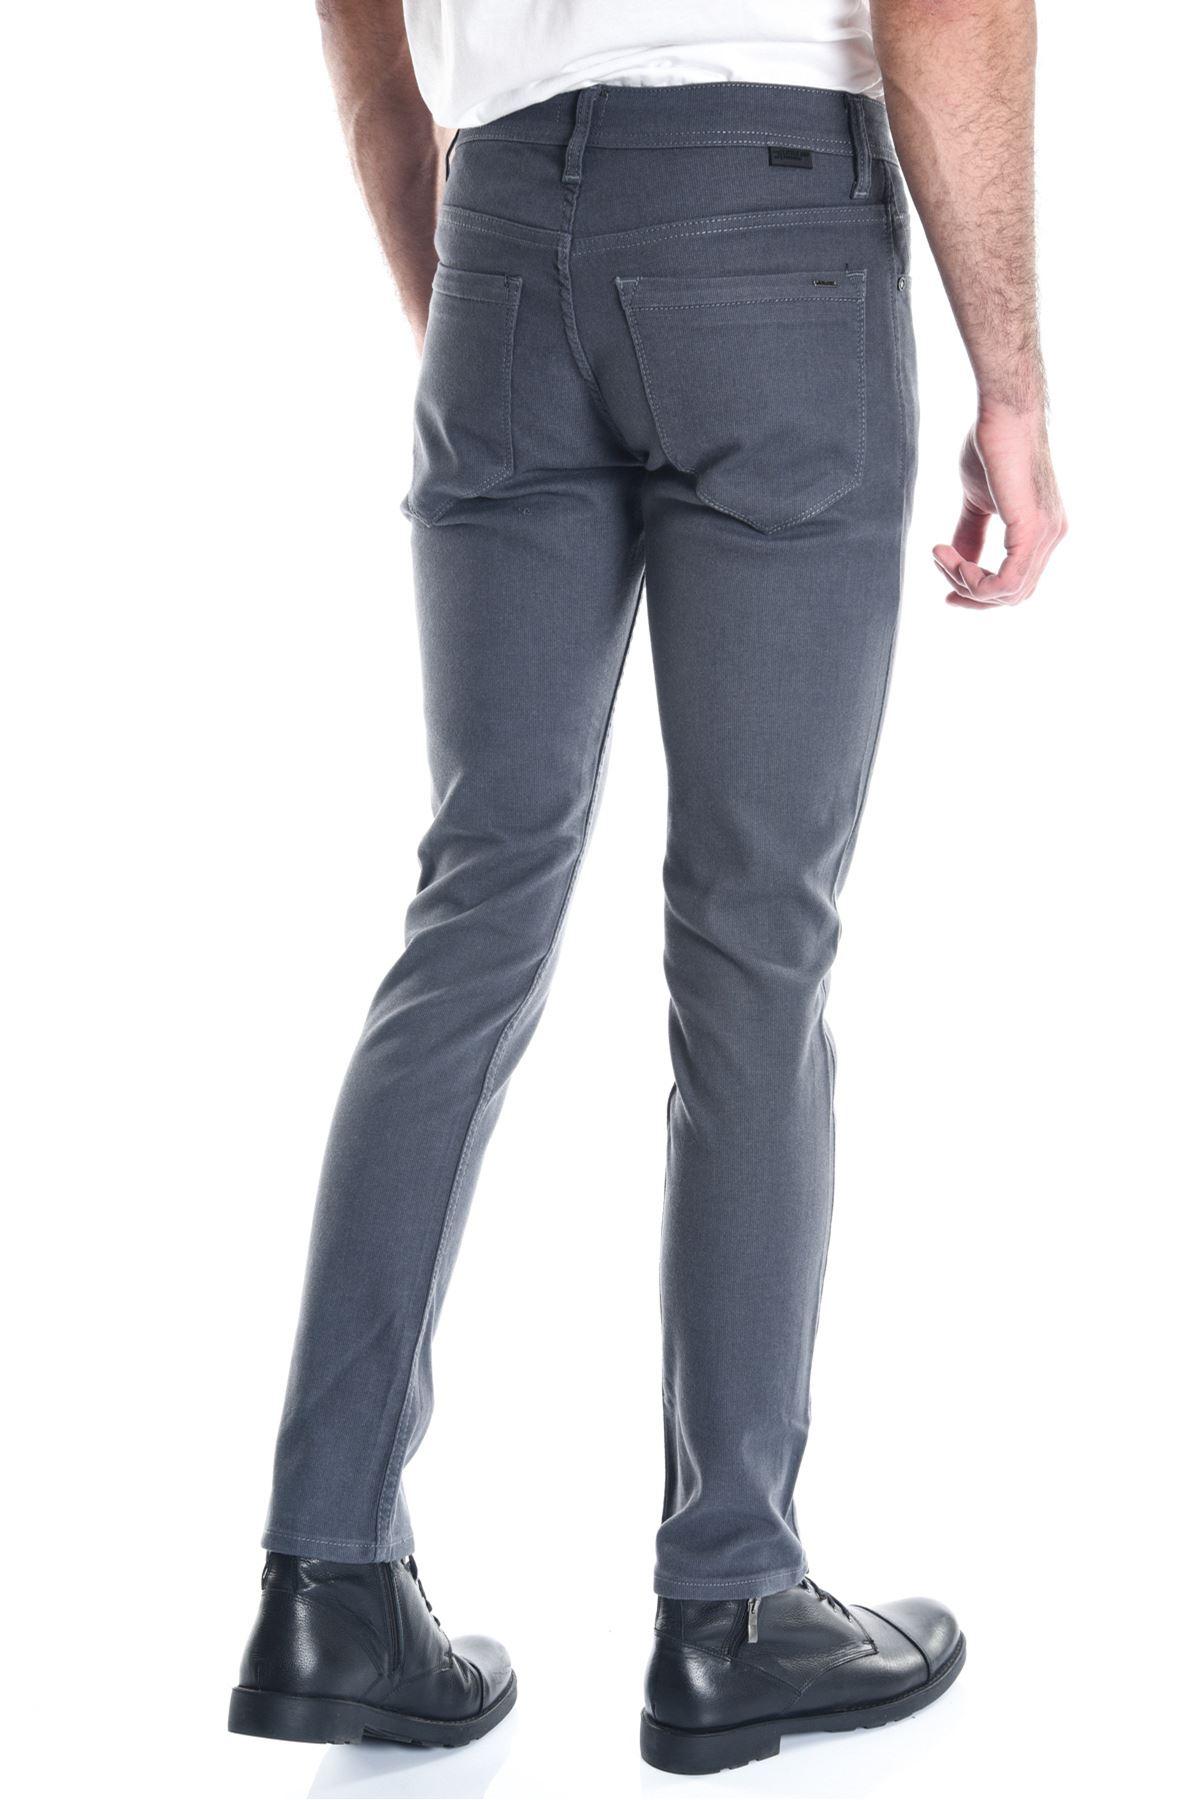 Antrasit Sade Yeni Slimfit Erkek Pantolon